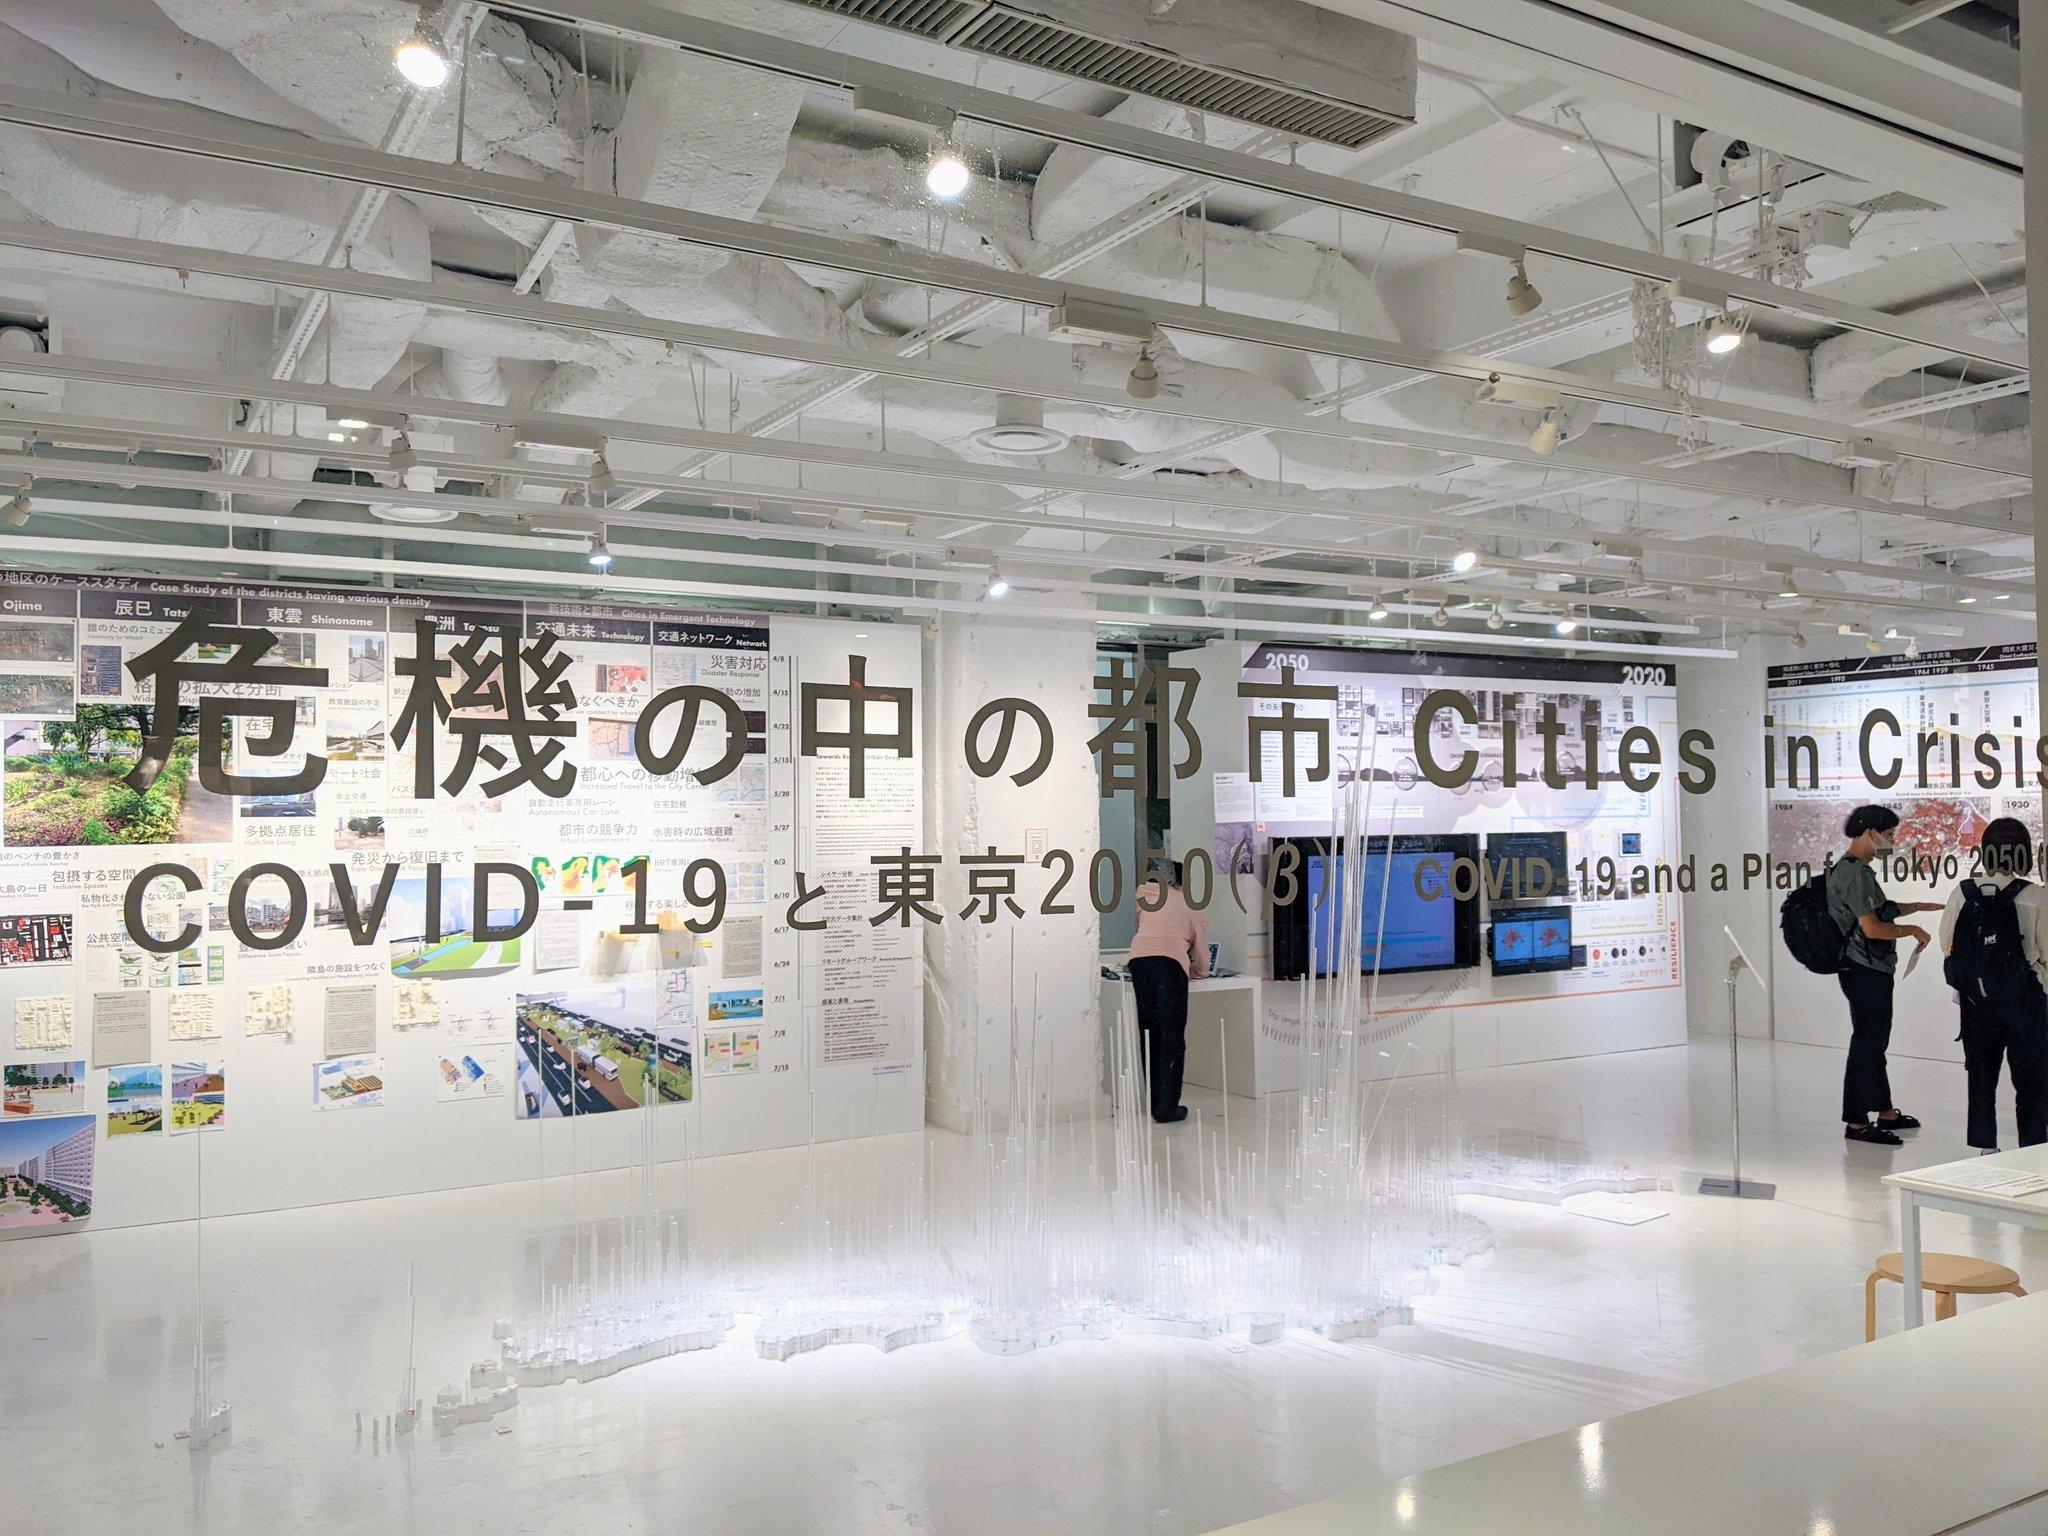 「危機の中の都市 COVID-19と東京2050(β)」展